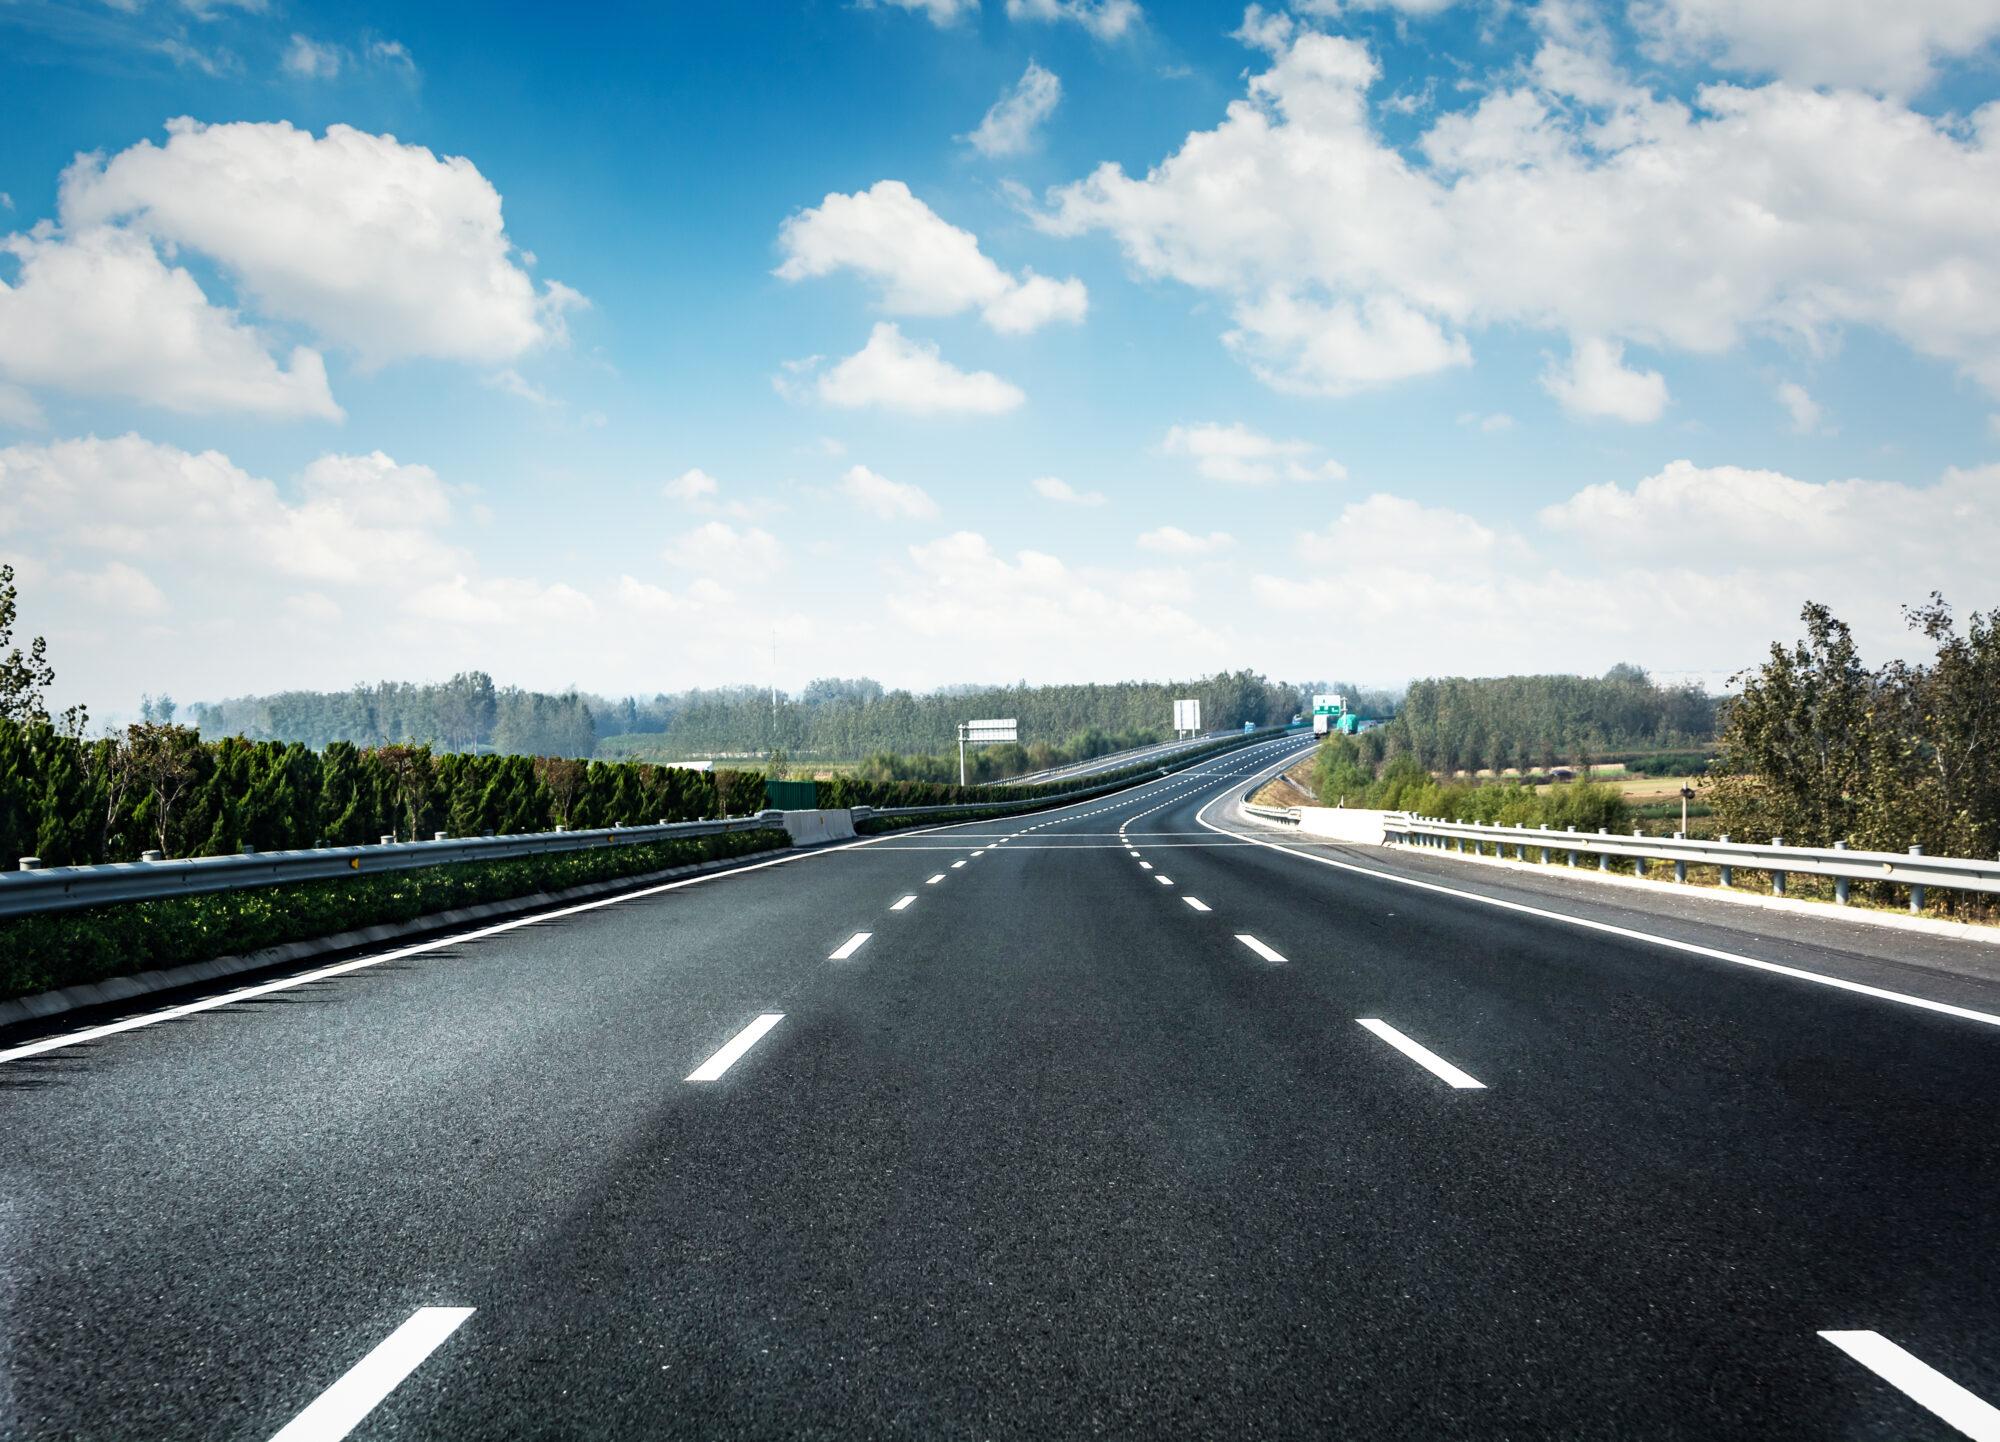 У 2021 році планують оновити та побудувати 4500 км державних доріг - ремонт доріг, проєкти, будівництво доріг - road forest 2000x1442